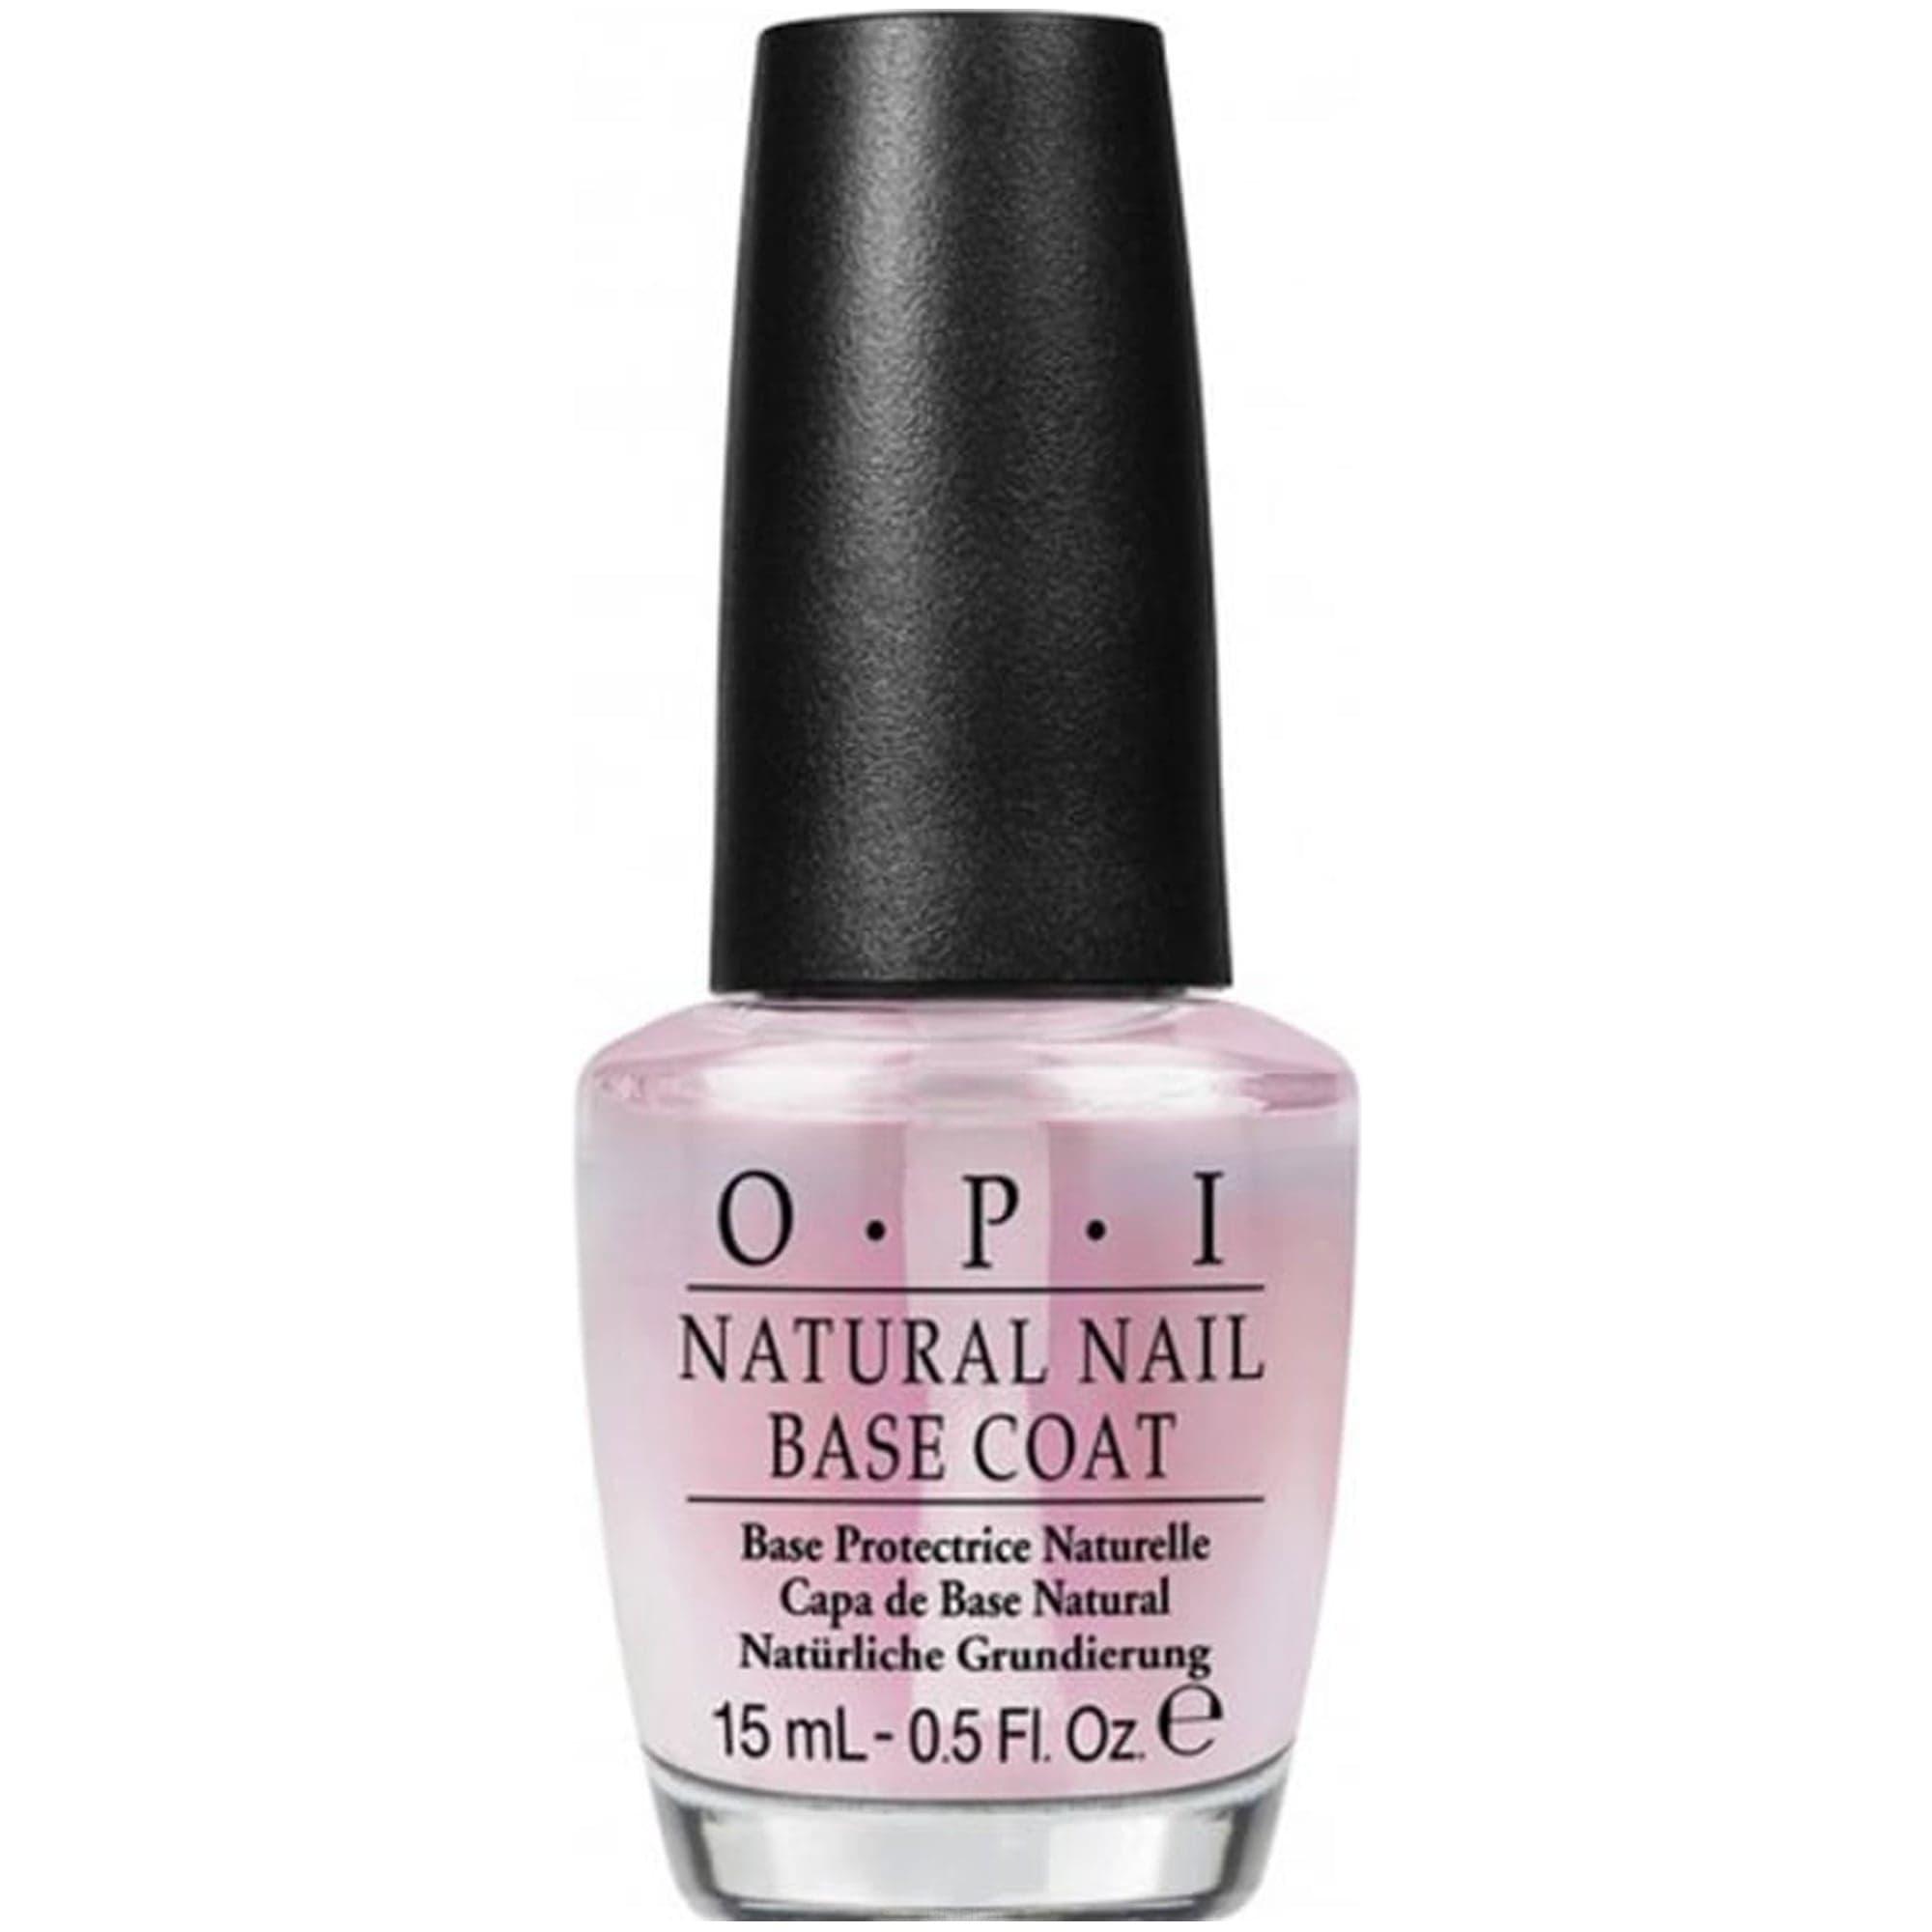 OPI Покрытие базовое для натуральных ногтей (c кератин-аминокислотами) Natural Nail Base Coat, 15 мл бордюр mainzu cementine verde 2x20